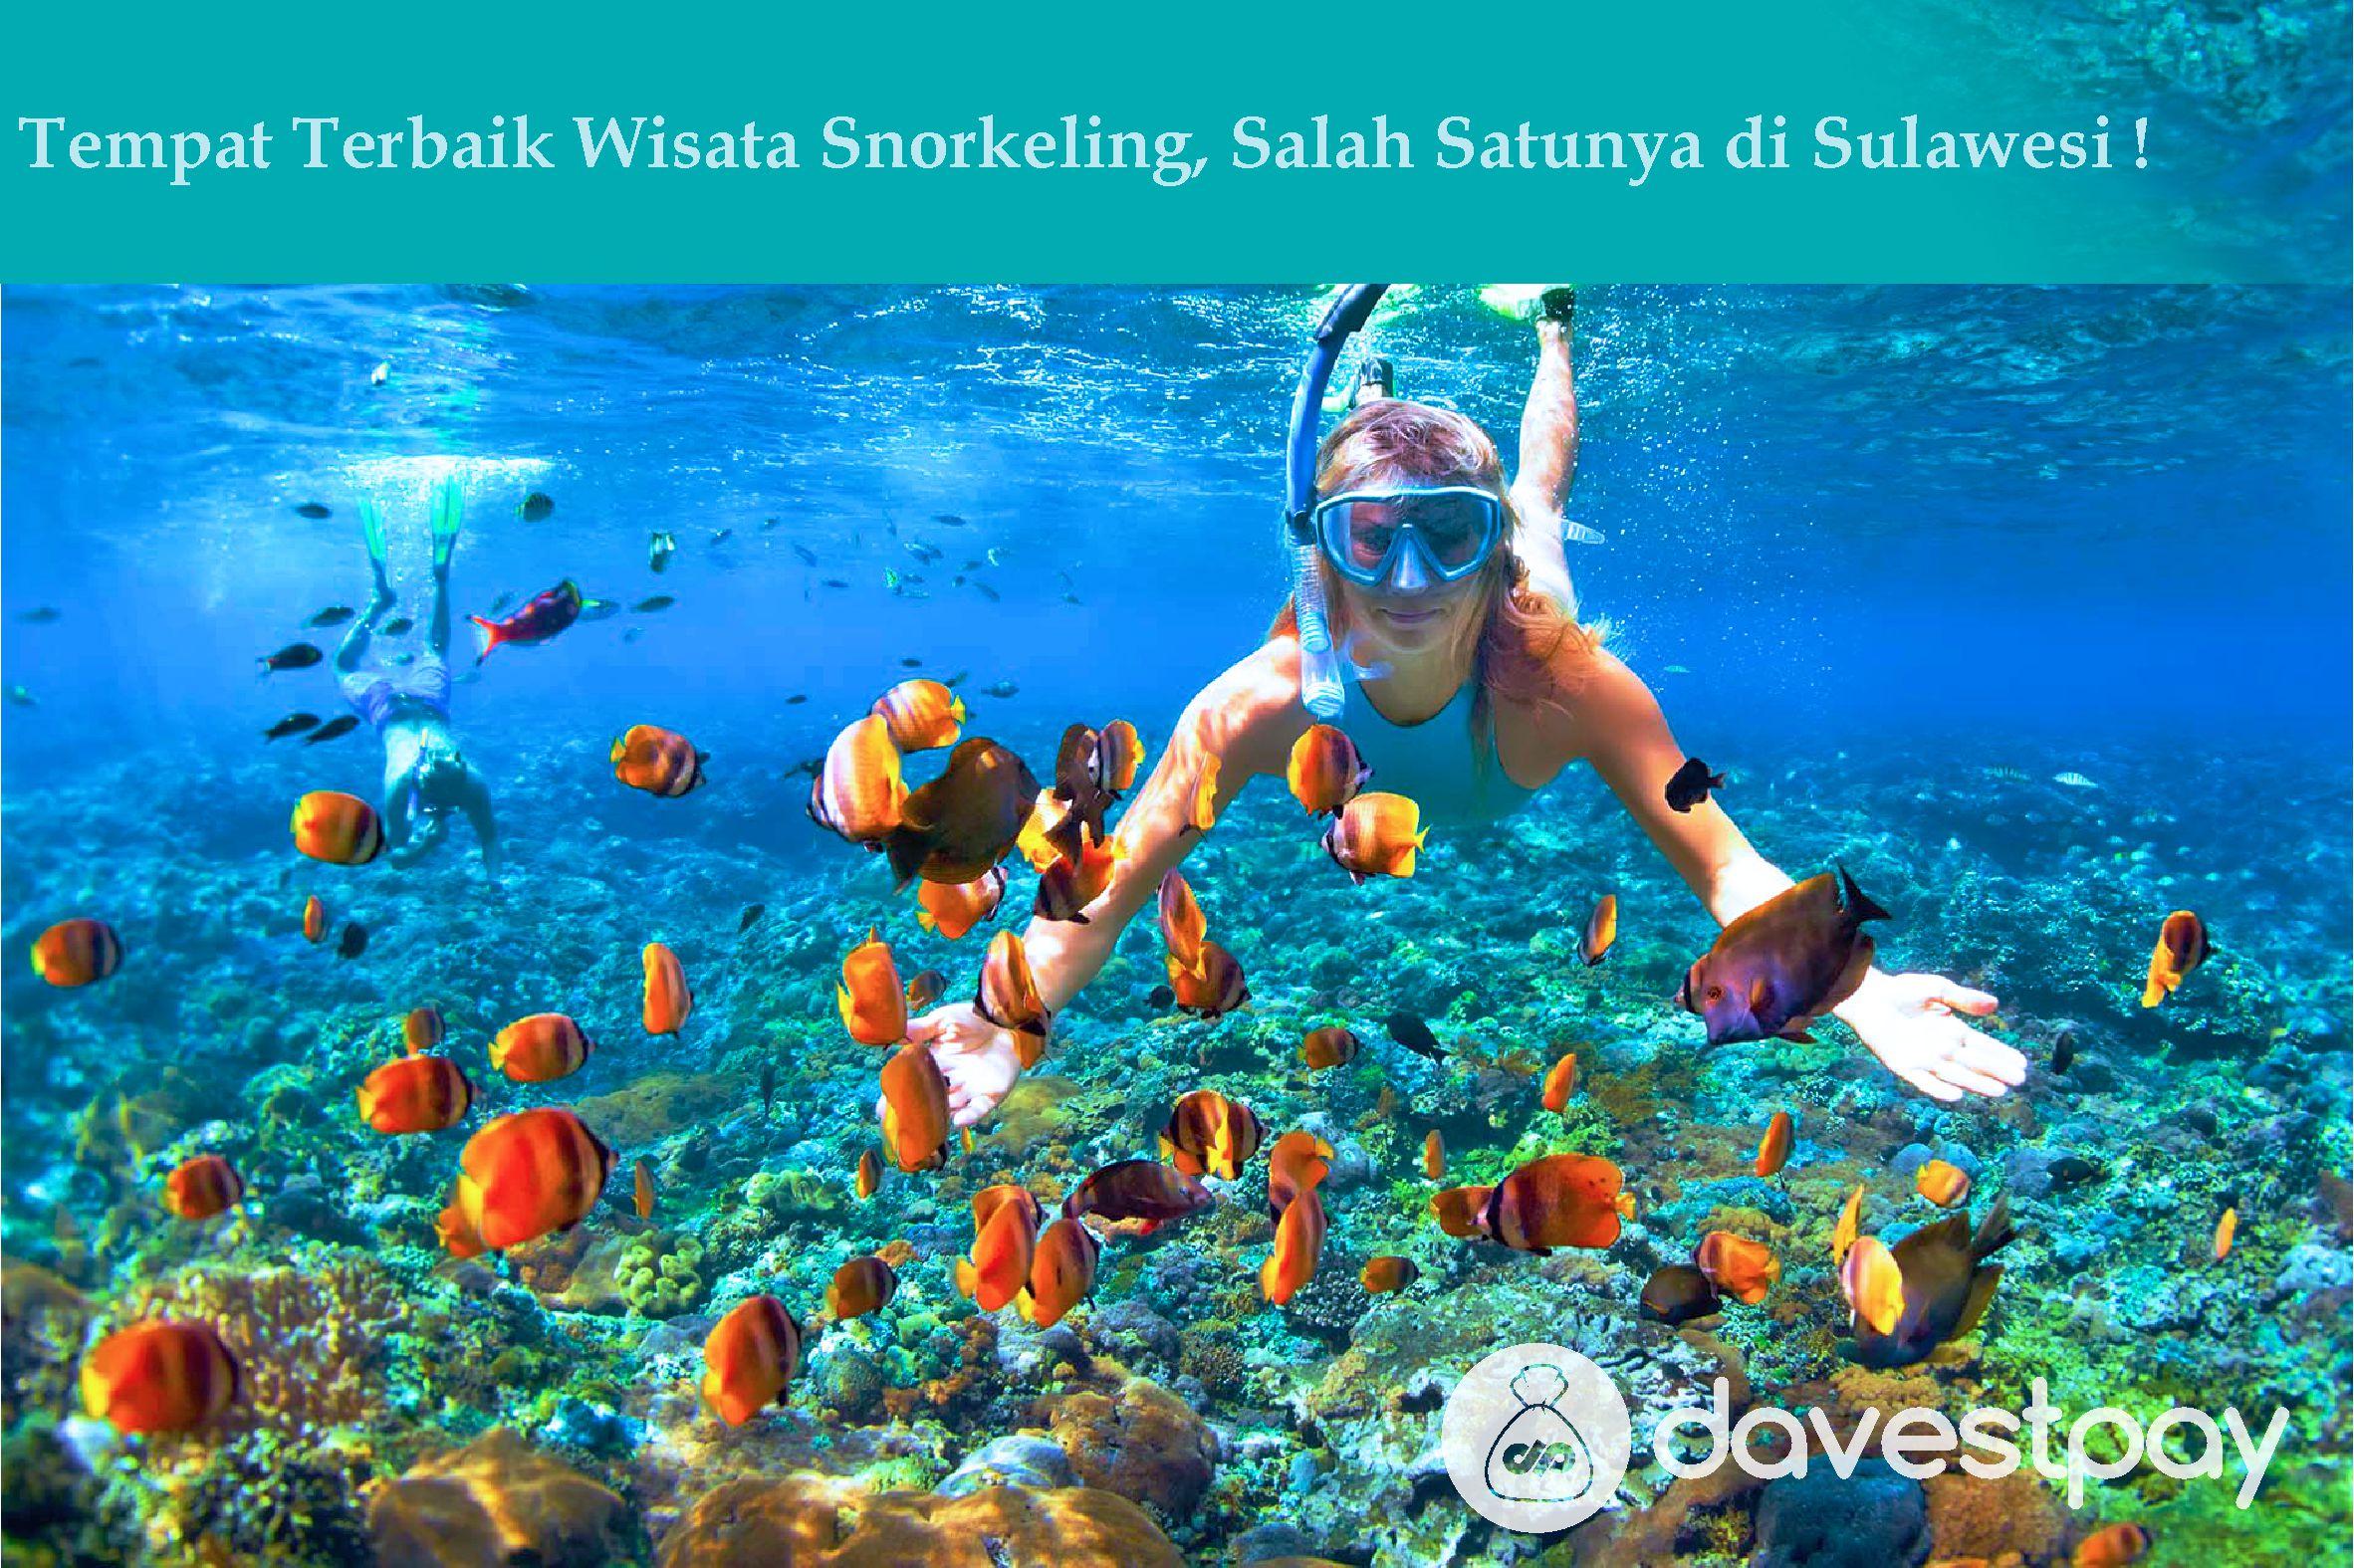 Tempat Terbaik Wisata Snorkling, Salah Satunya di Sulawesi !